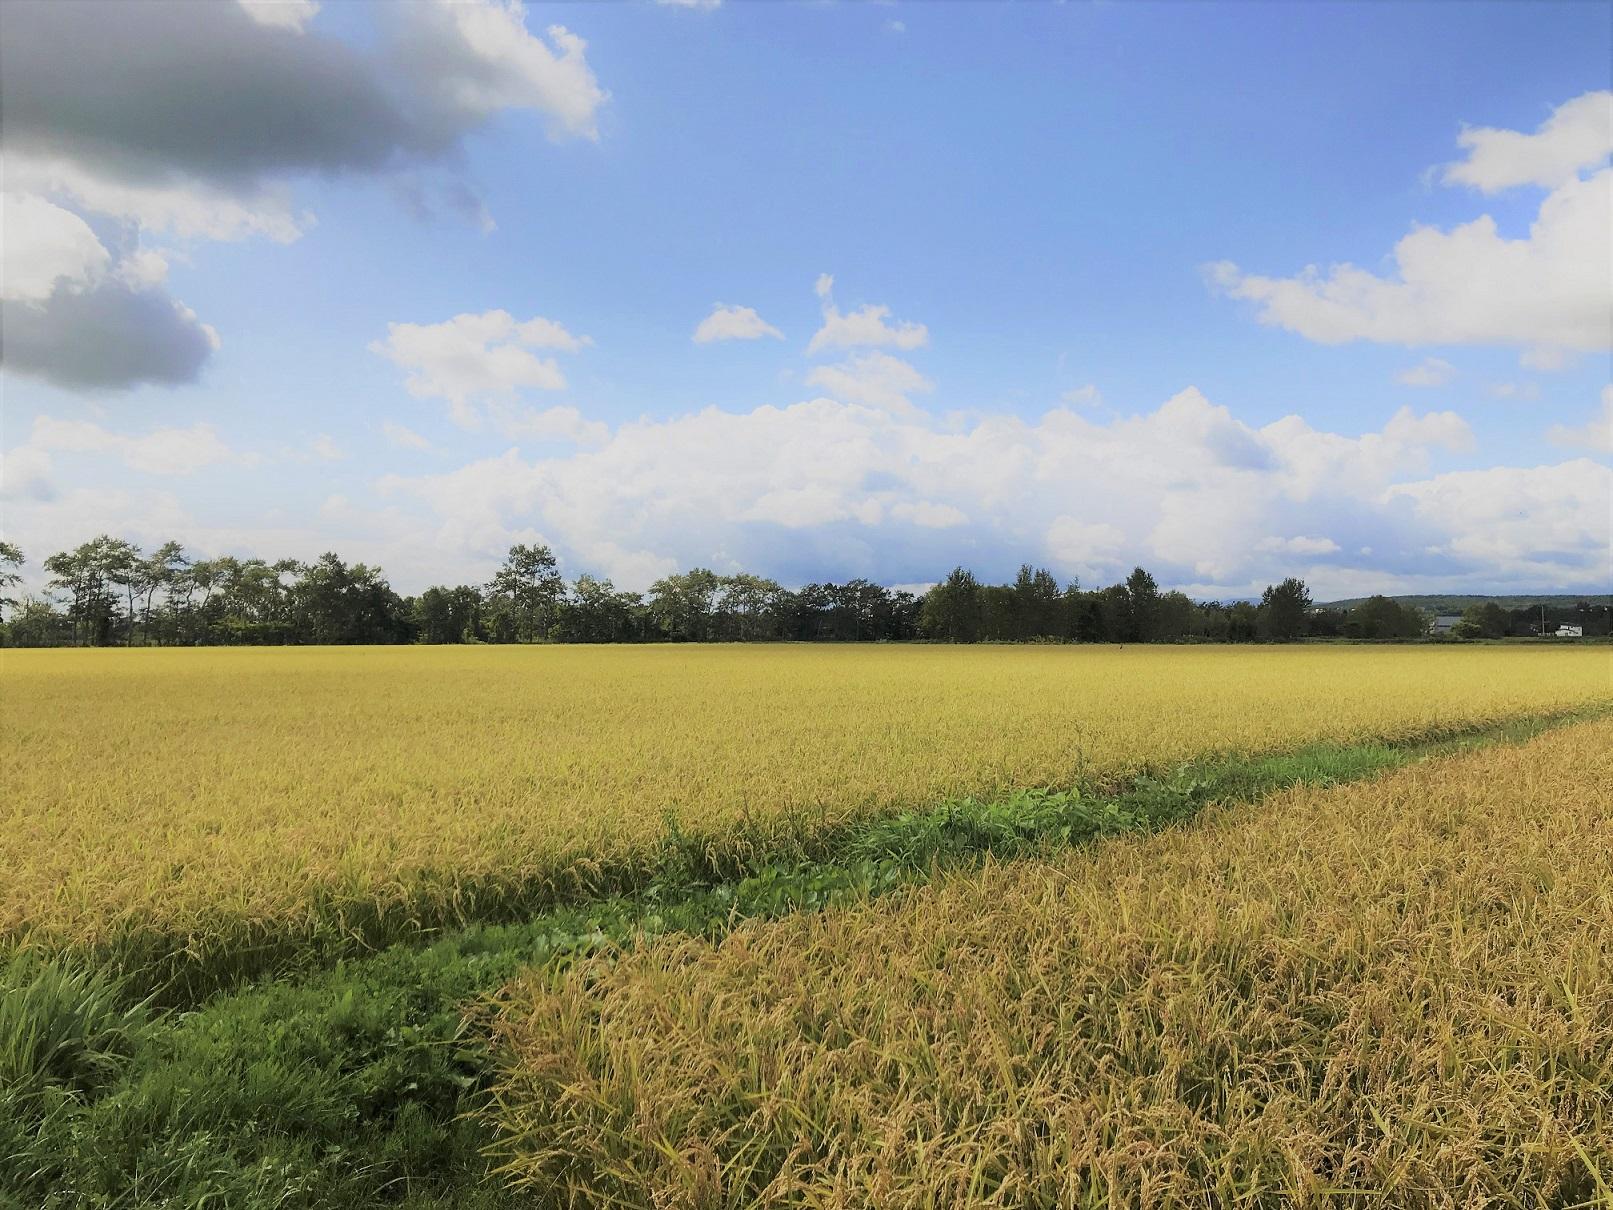 ひとの力は、少しだけ。自然が育むお米のおいしさ。